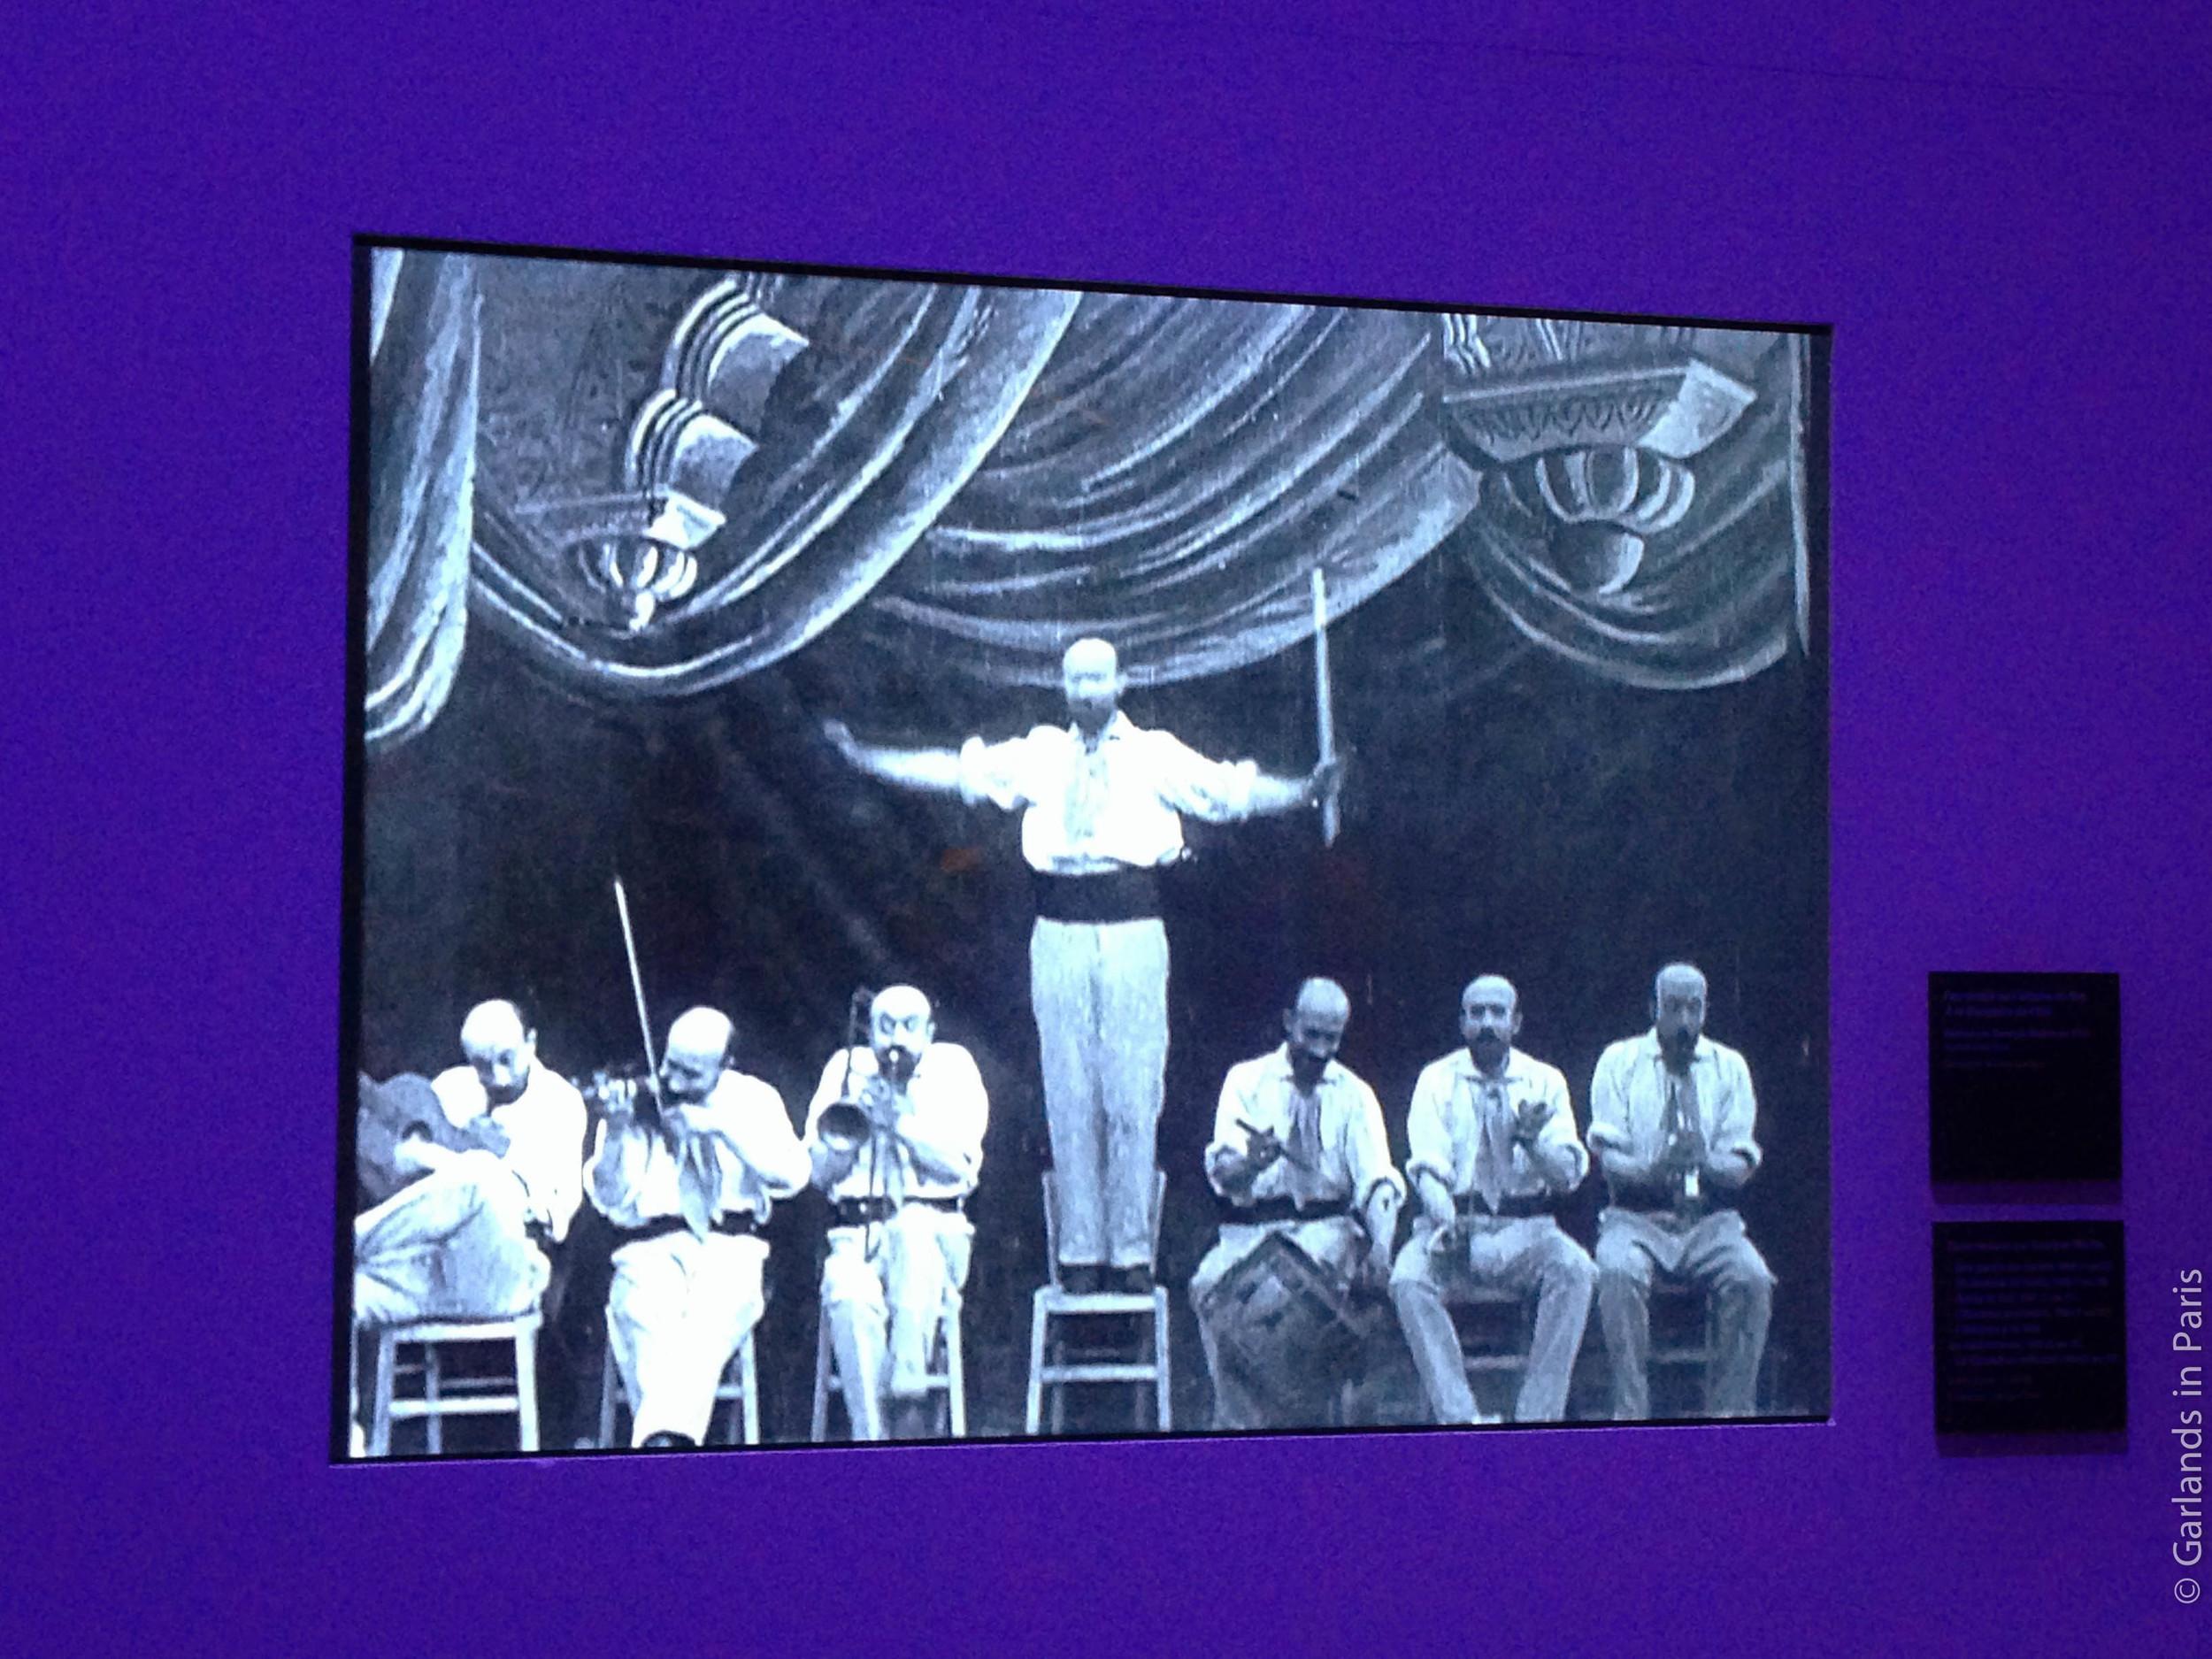 Melies, Lumière ! Le cinéma inventé, exhibition, Grand Palais